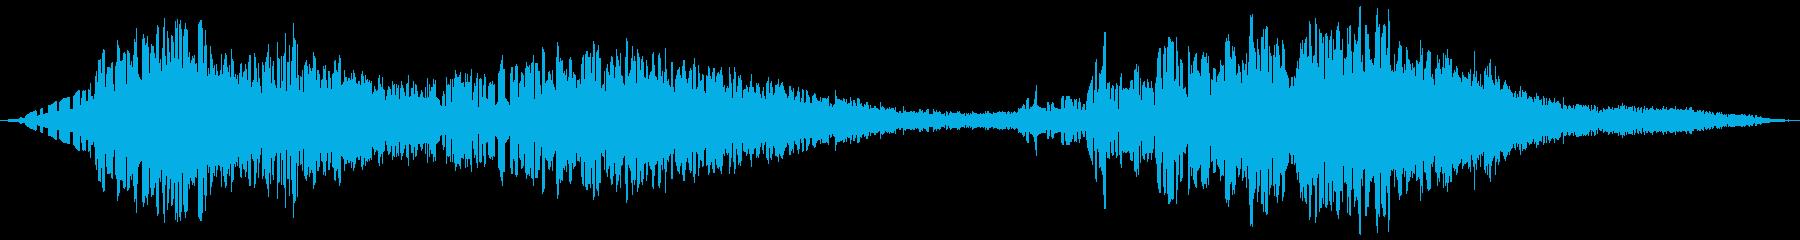 チャタリングボットの浸透の再生済みの波形